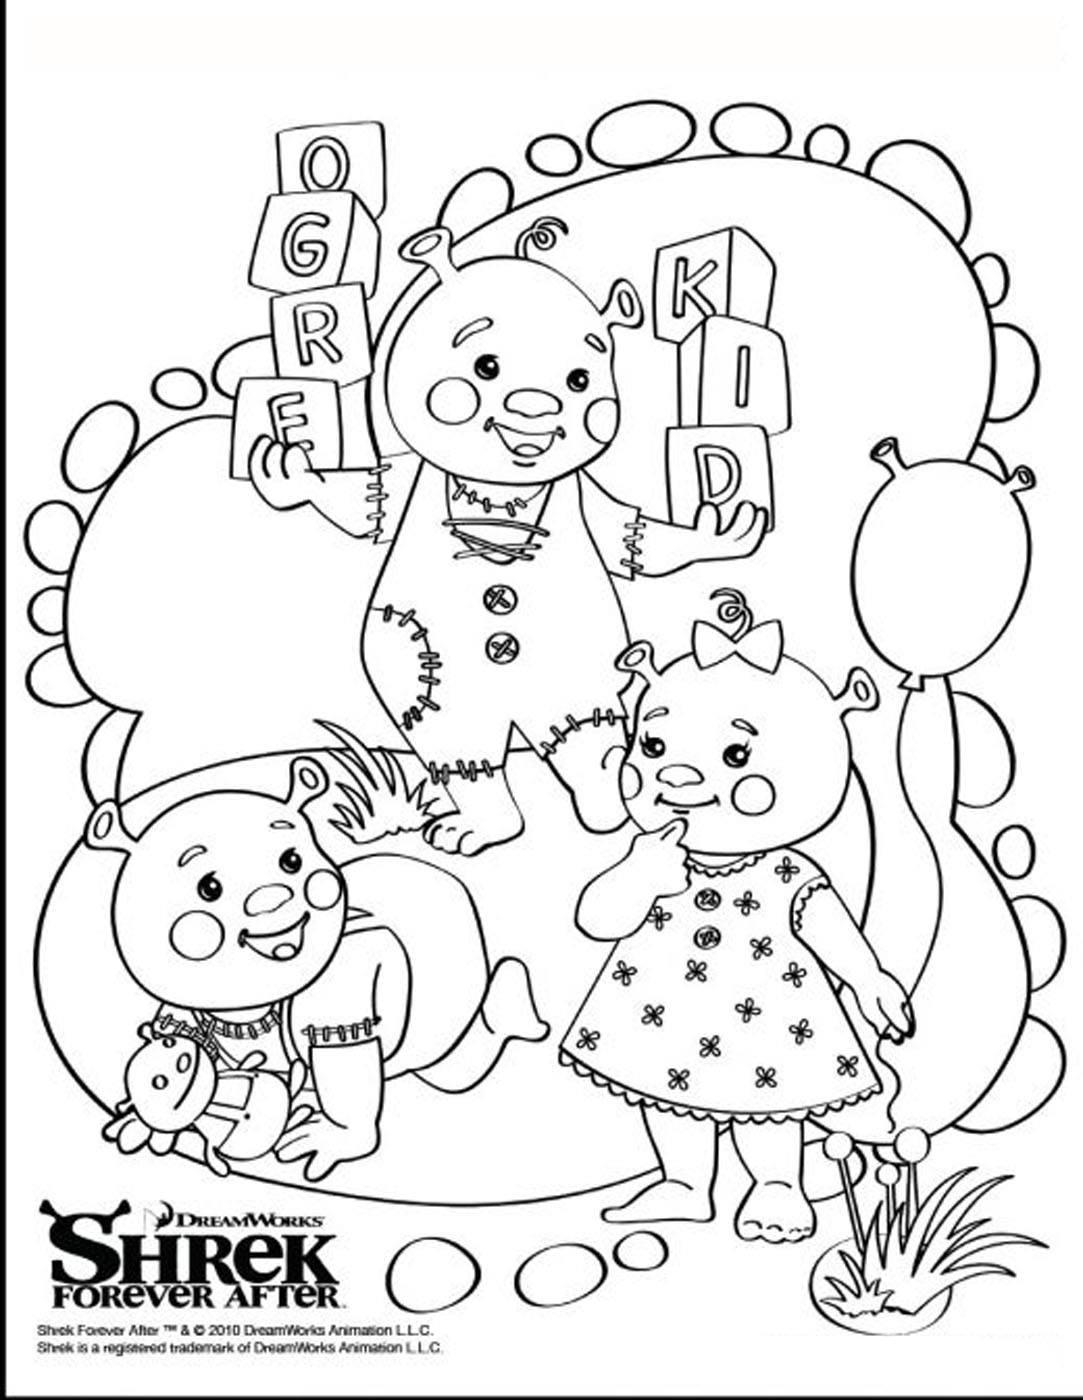 Les enfants de Shrek et Fiona réunis dans un beau dessin